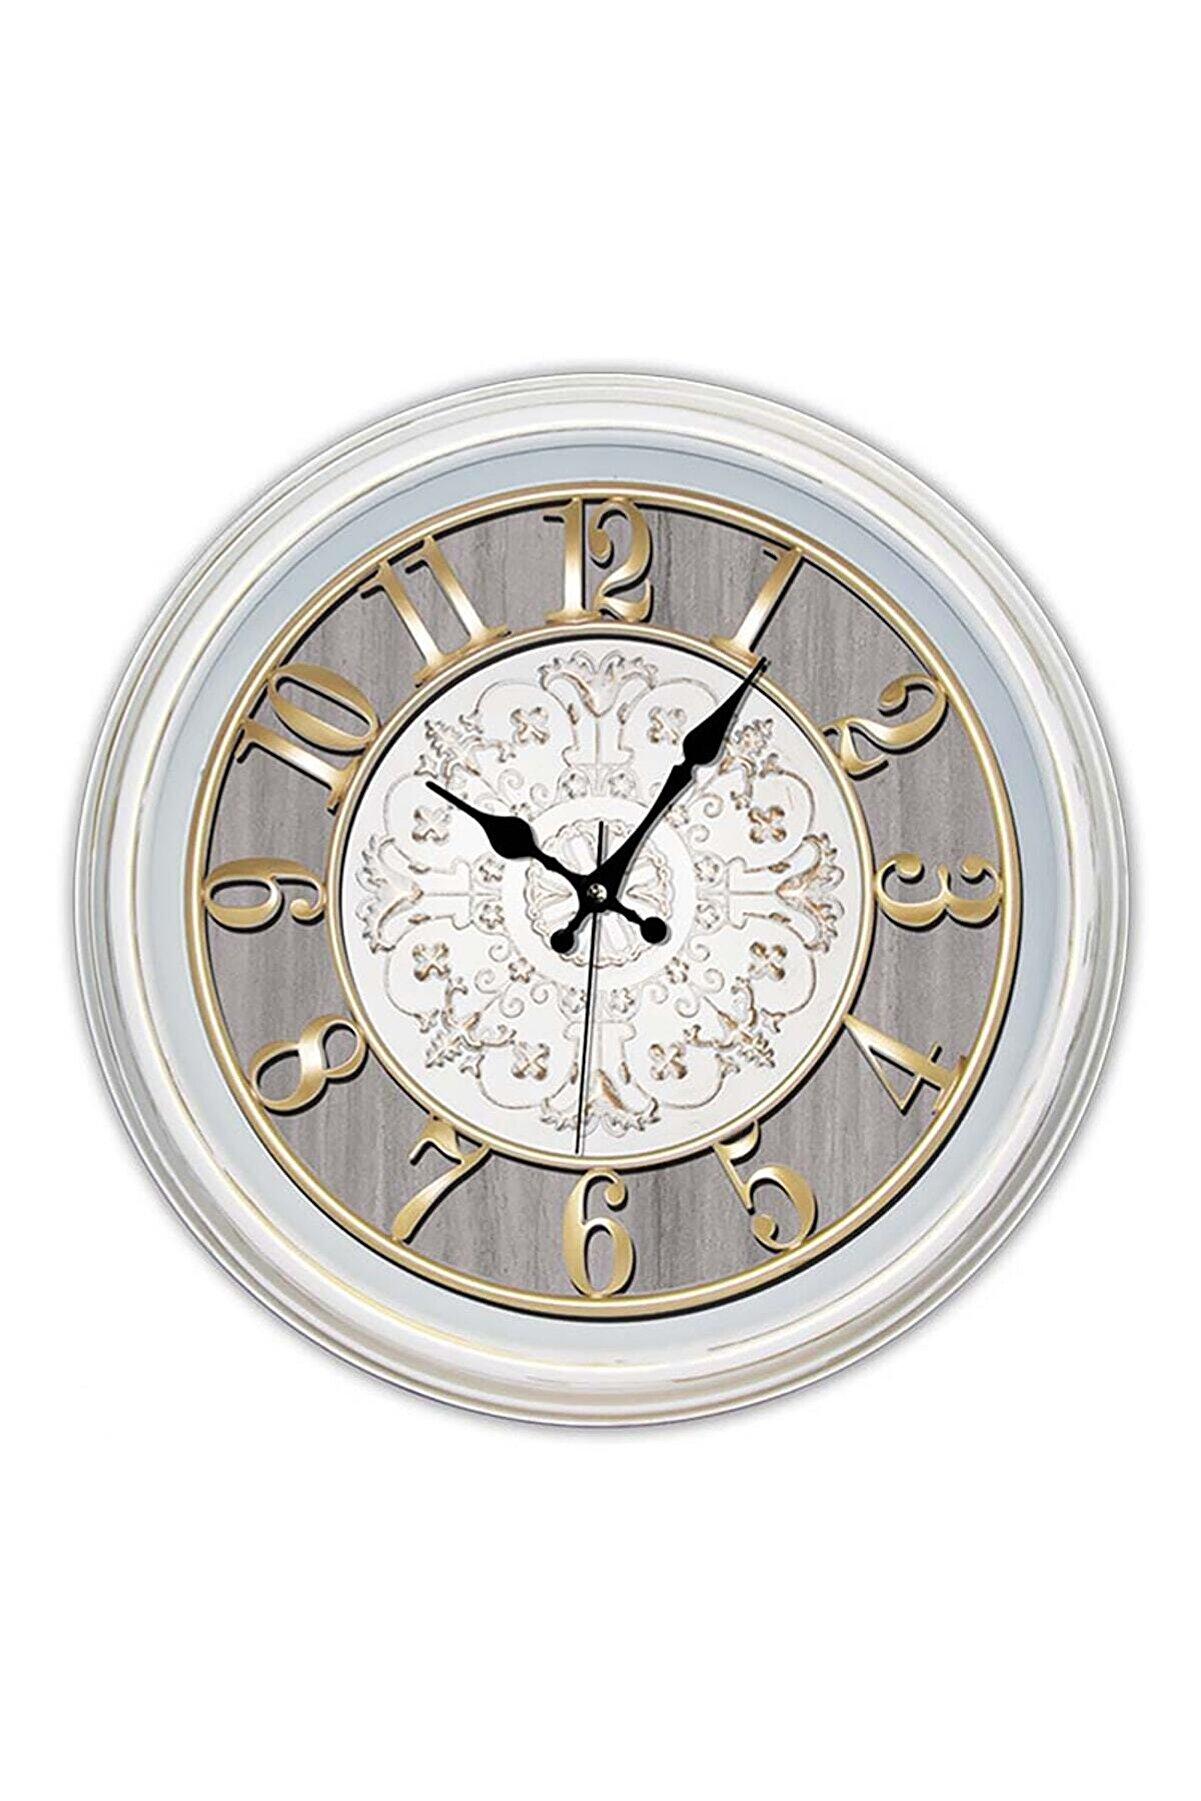 Time Gold Dekoratif Eskitme Tasarım Sessiz Mekanizma Majör Duvar Saati